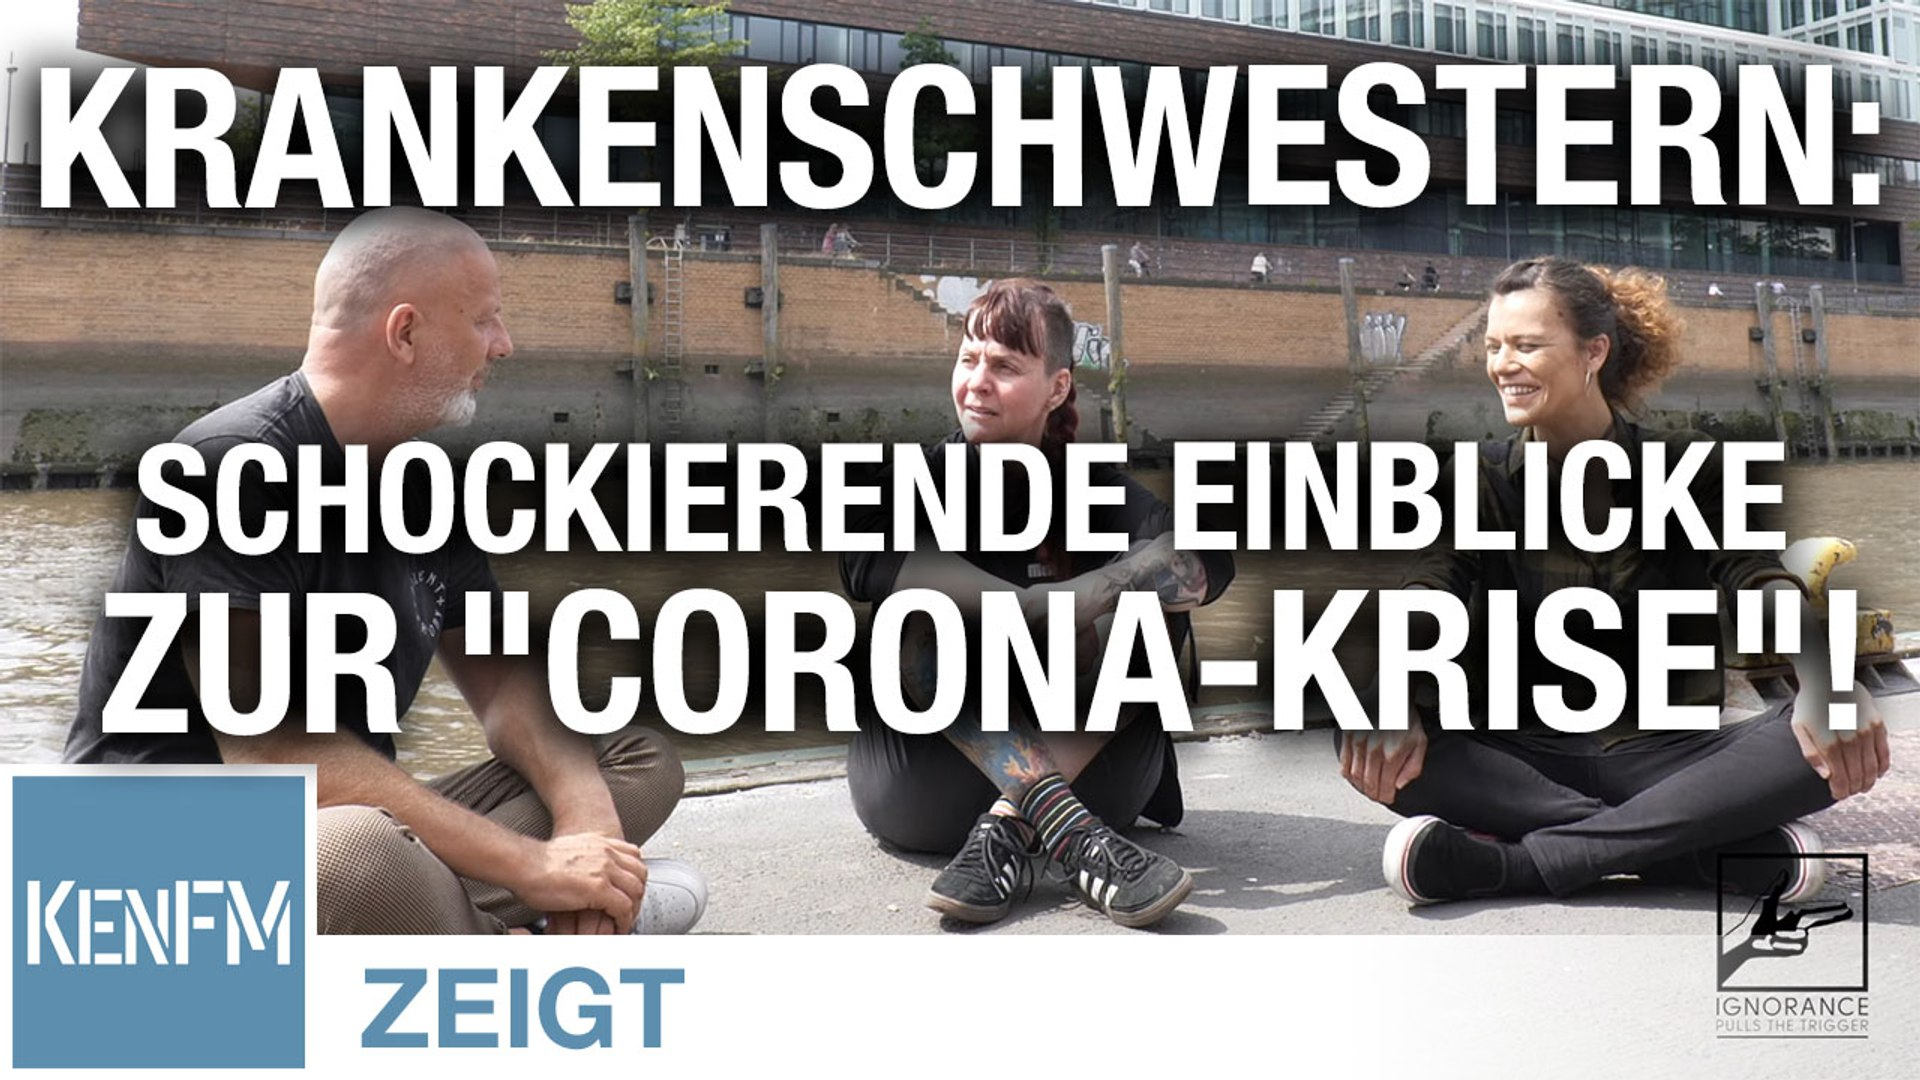 """Krankenschwestern – Schockierende Einblicke zur """"Corona-Krise""""!"""